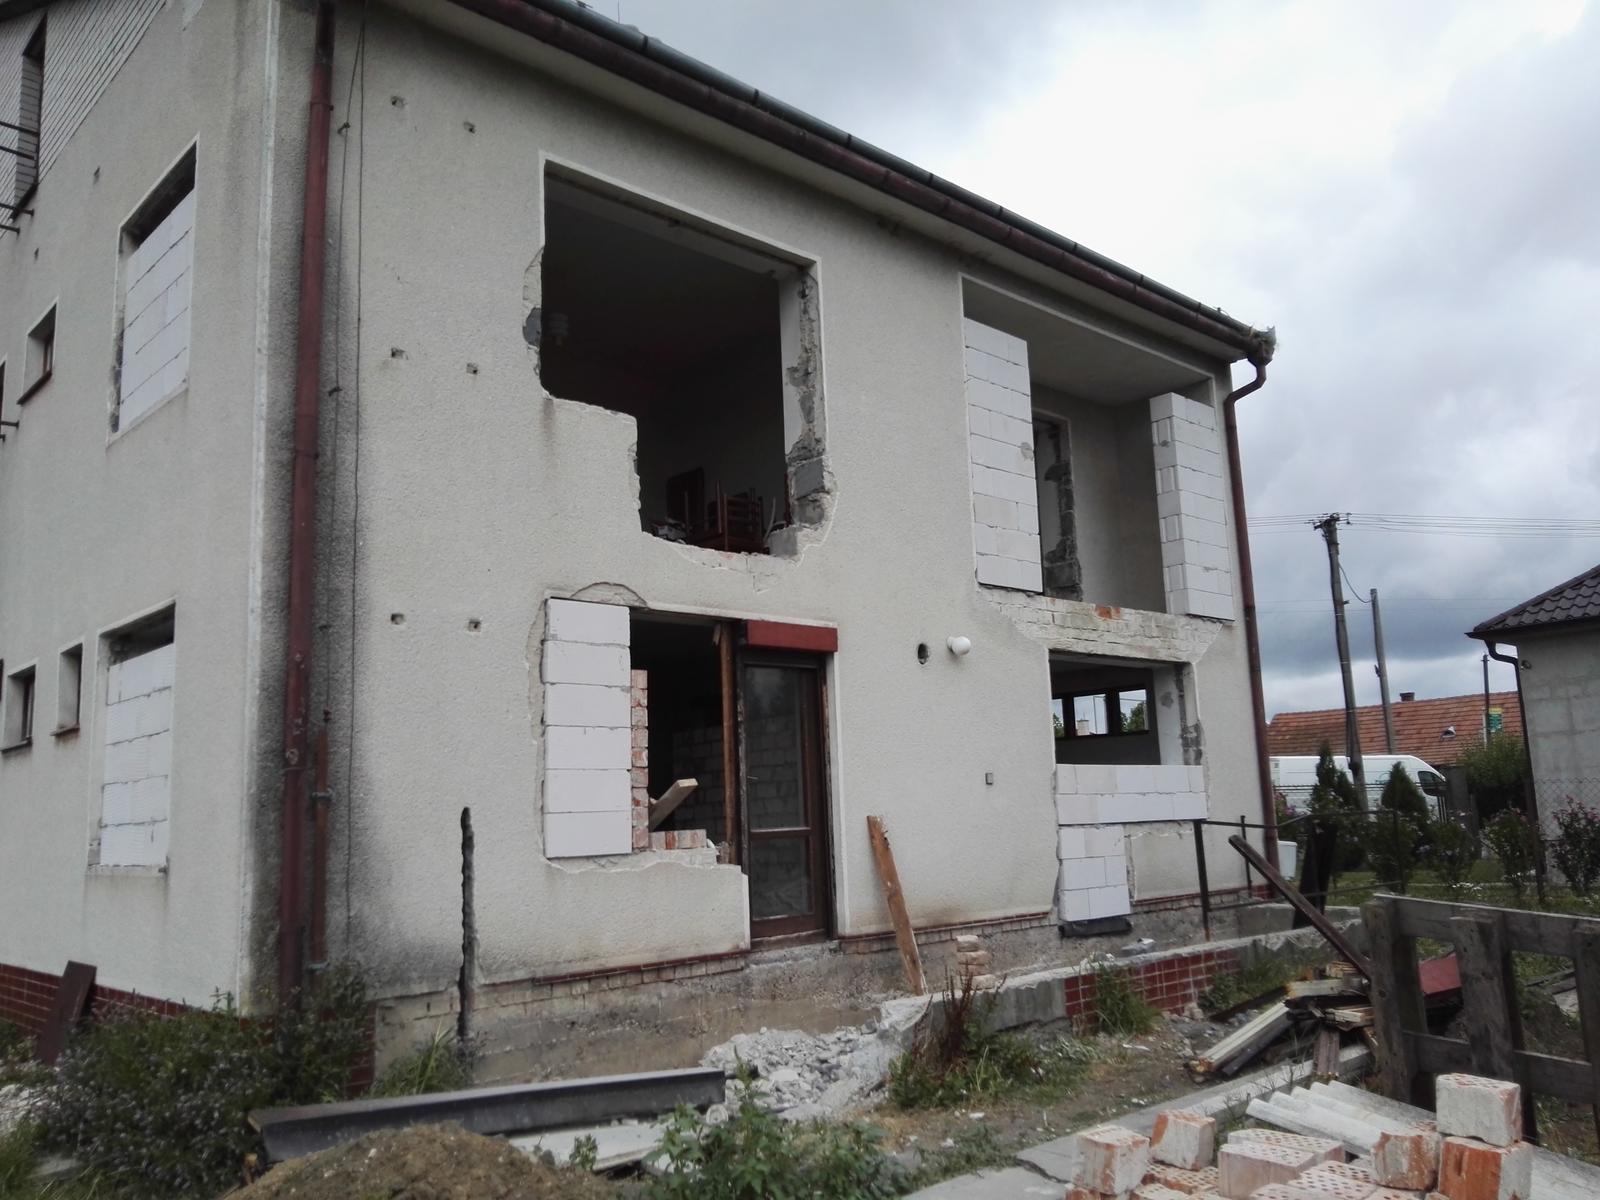 Rekonstrukcia RD - Ďalšie okno sa mení, sused mi kričí zo zahrady, či staviame, alebo plánujeme iba burať naveky :D mudrlant